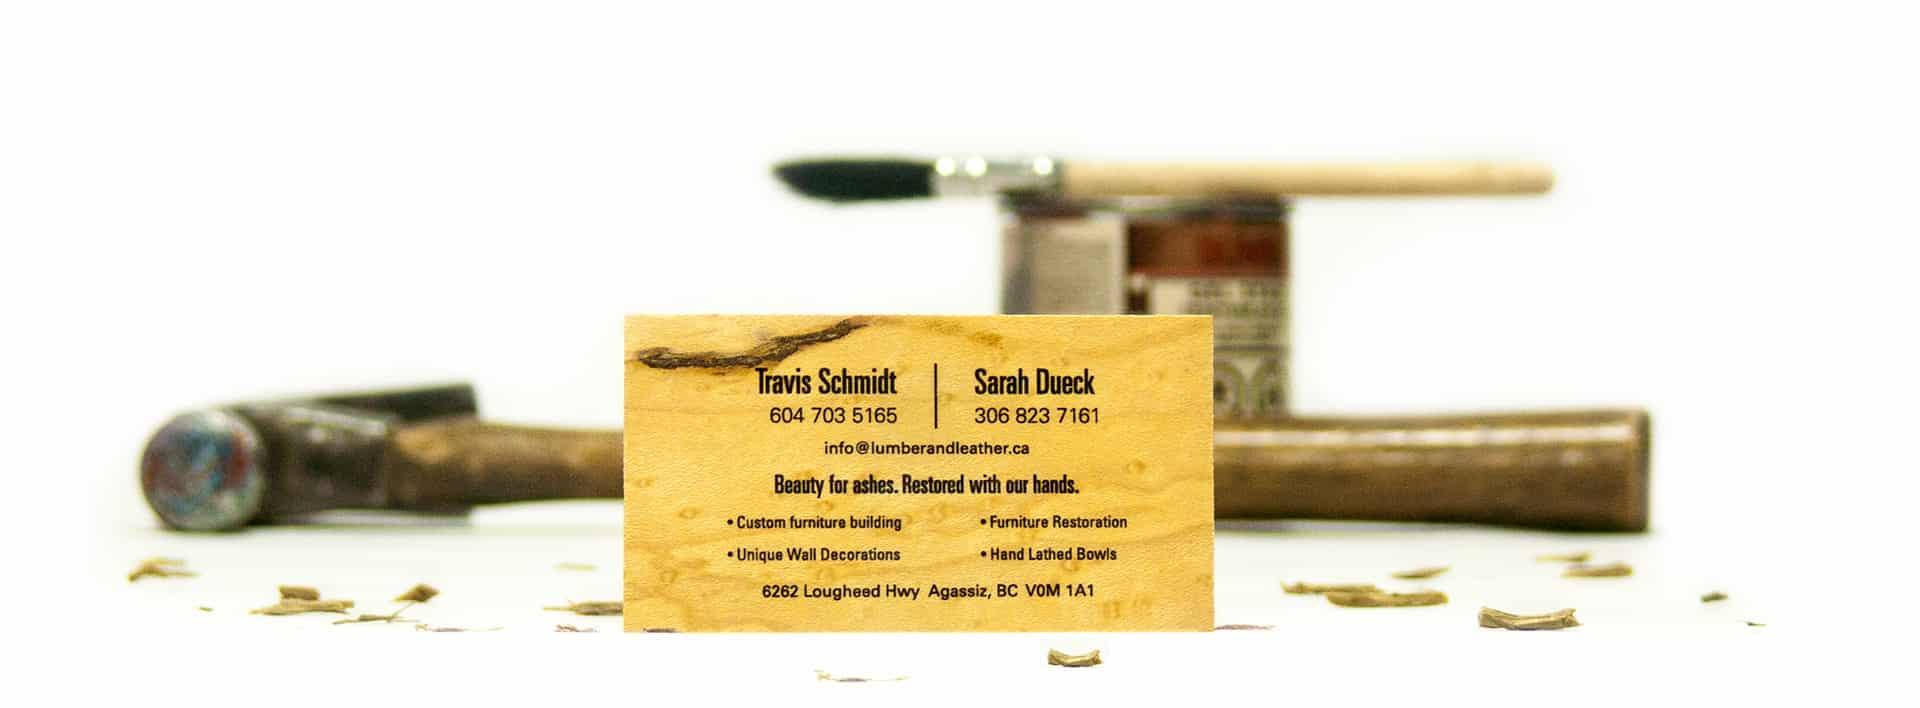 Lumbar & Leather - Business Card